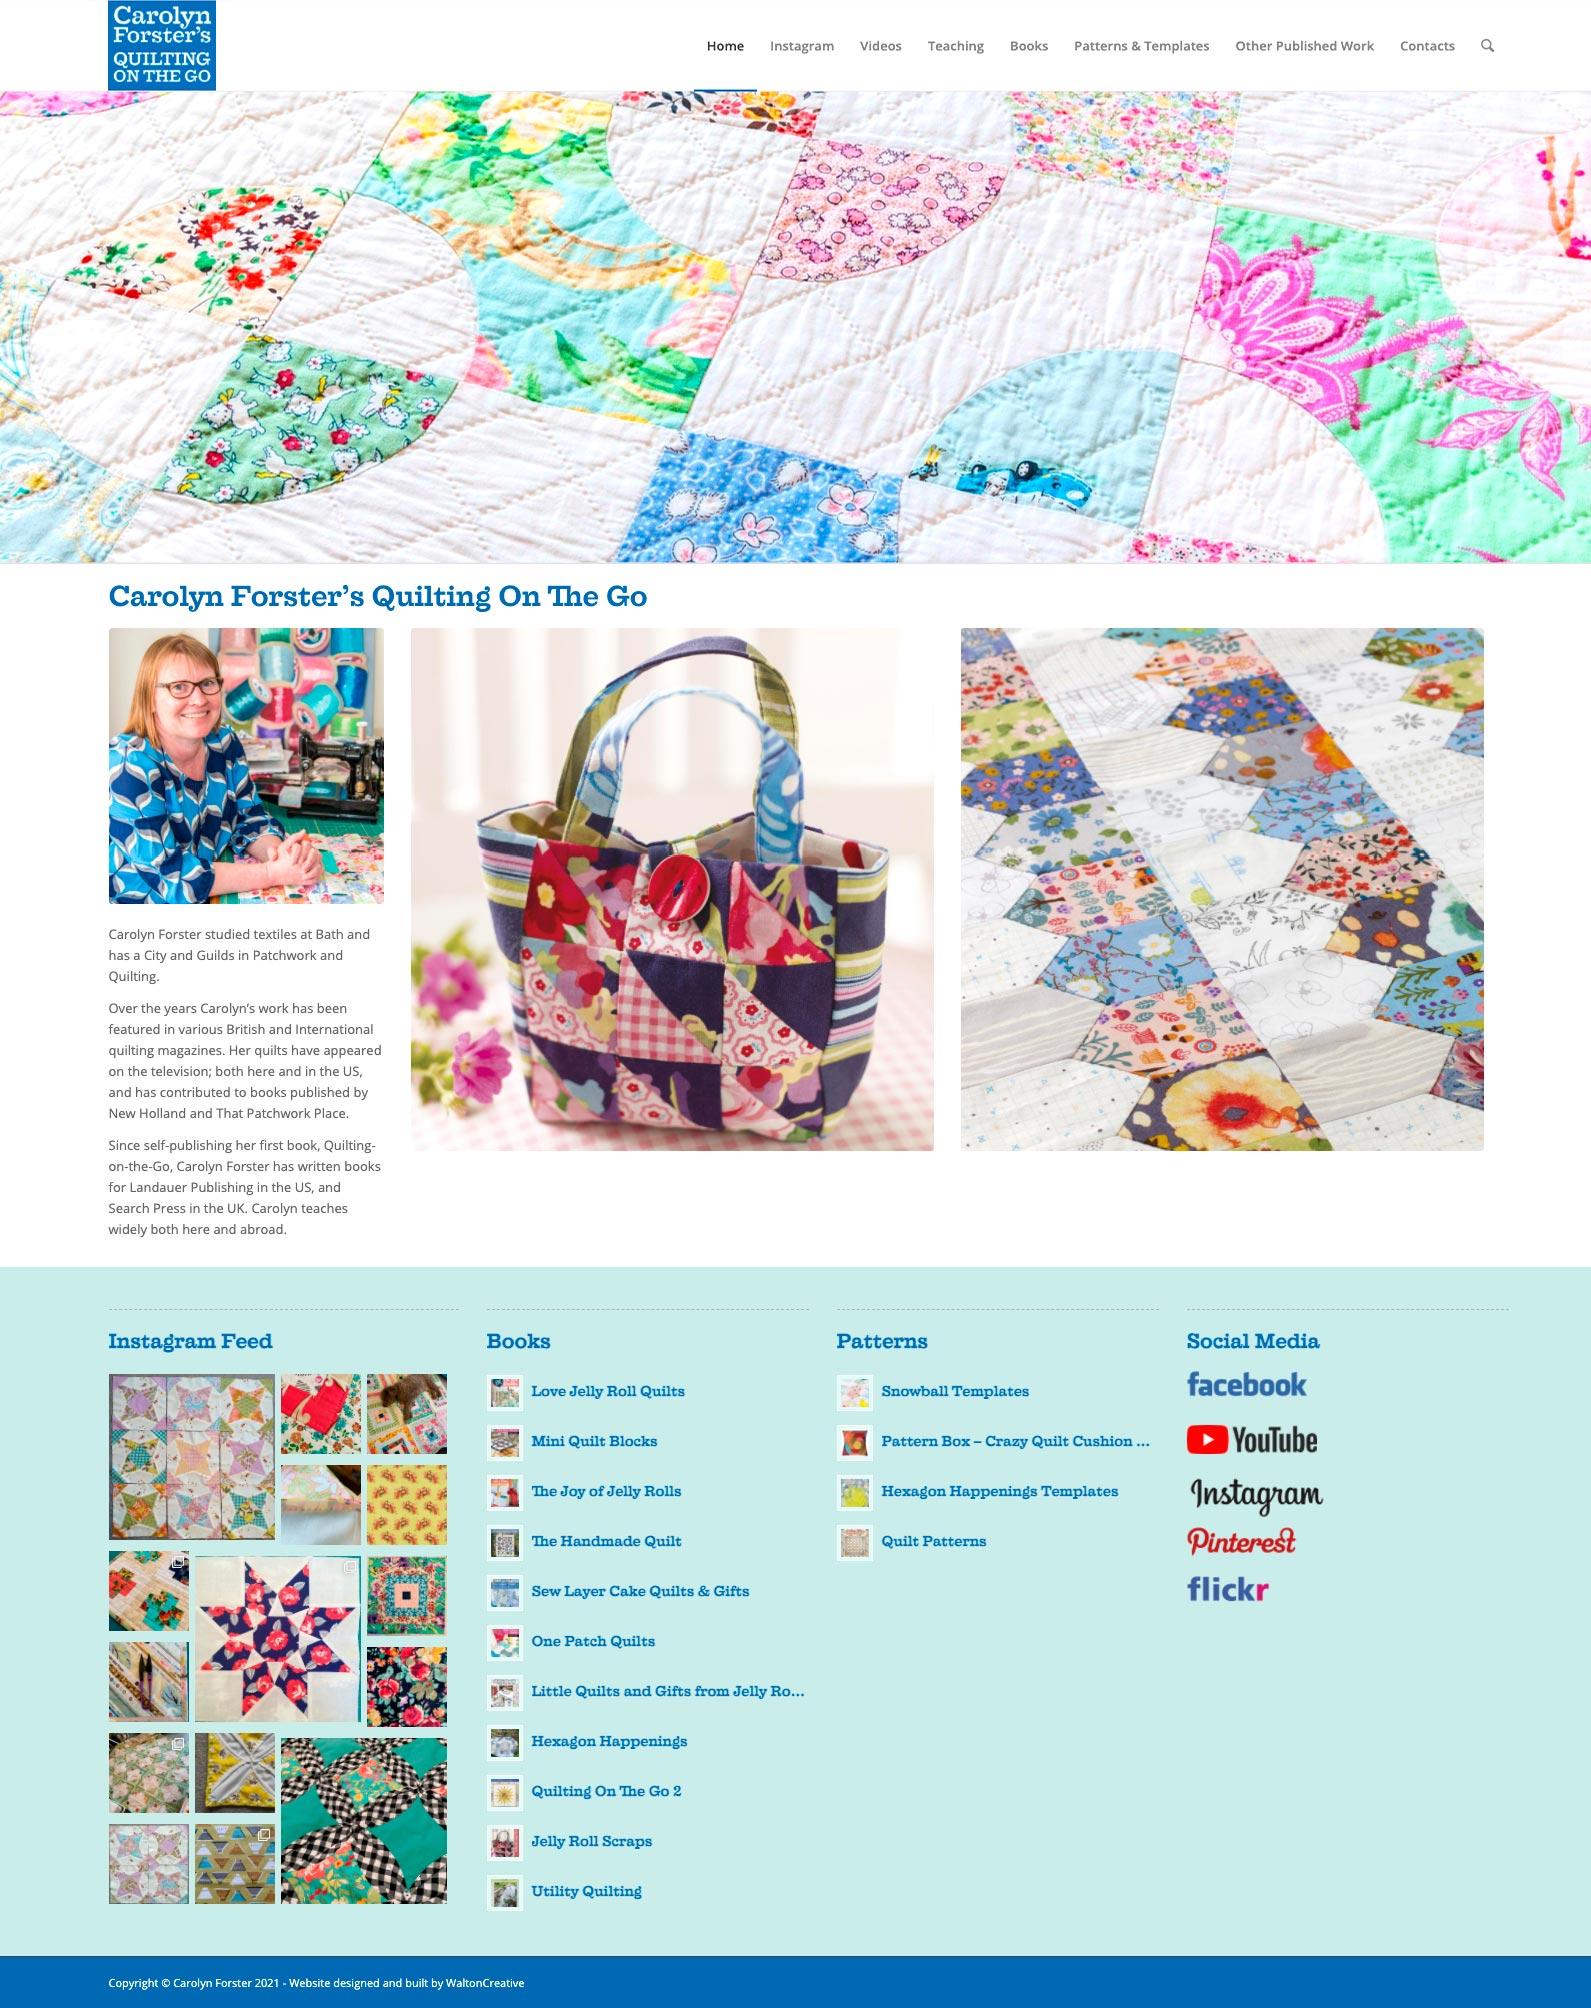 Carolyn Forster's Website Design 1 Home